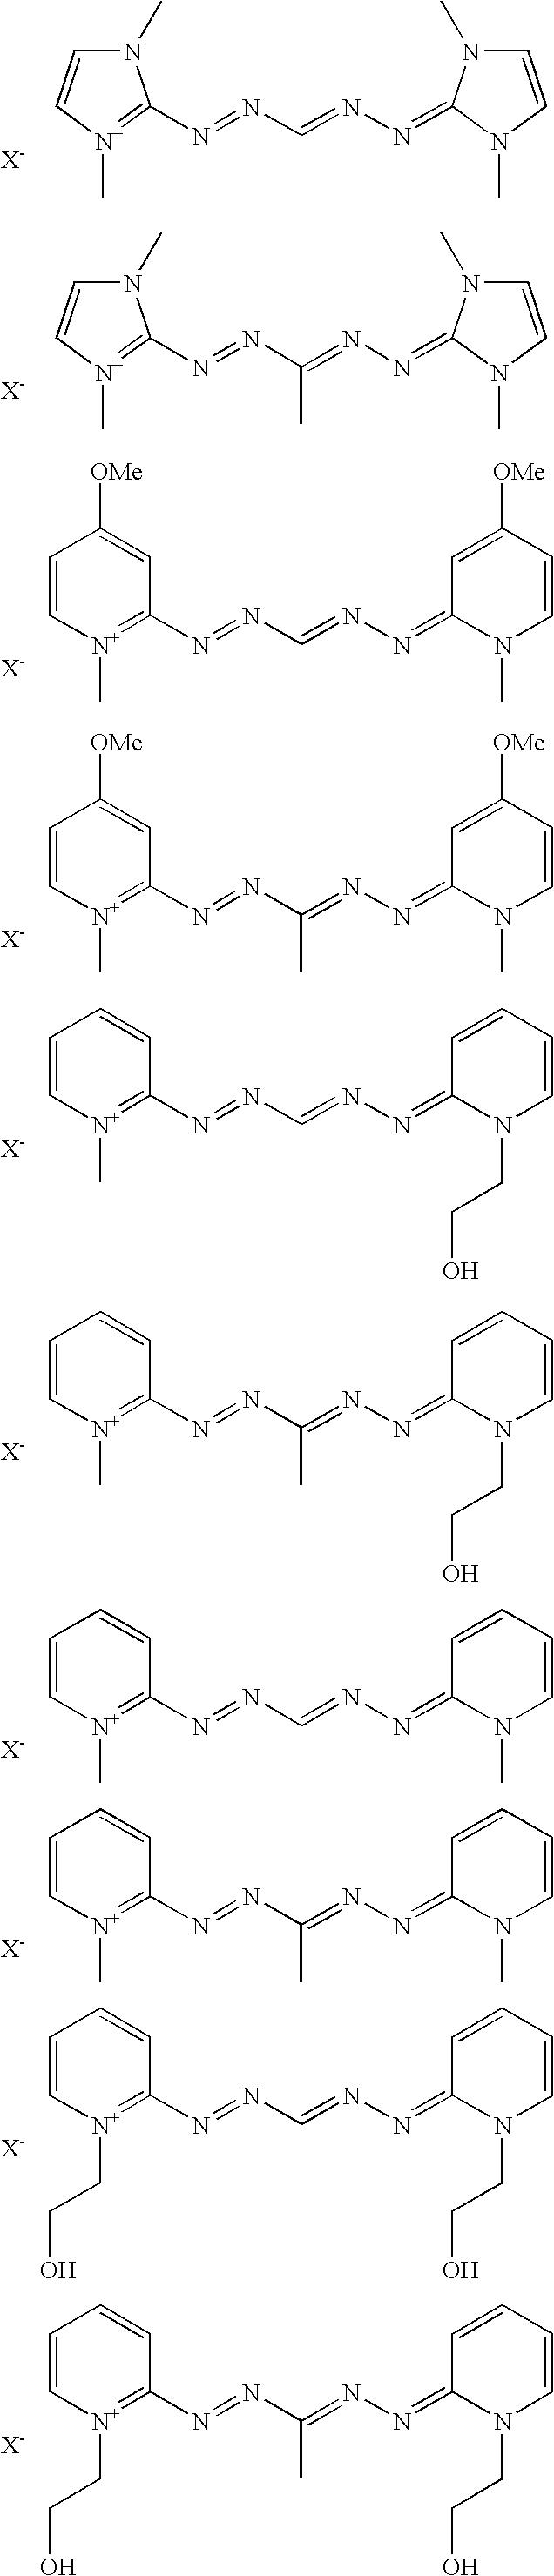 Figure US07914591-20110329-C00006